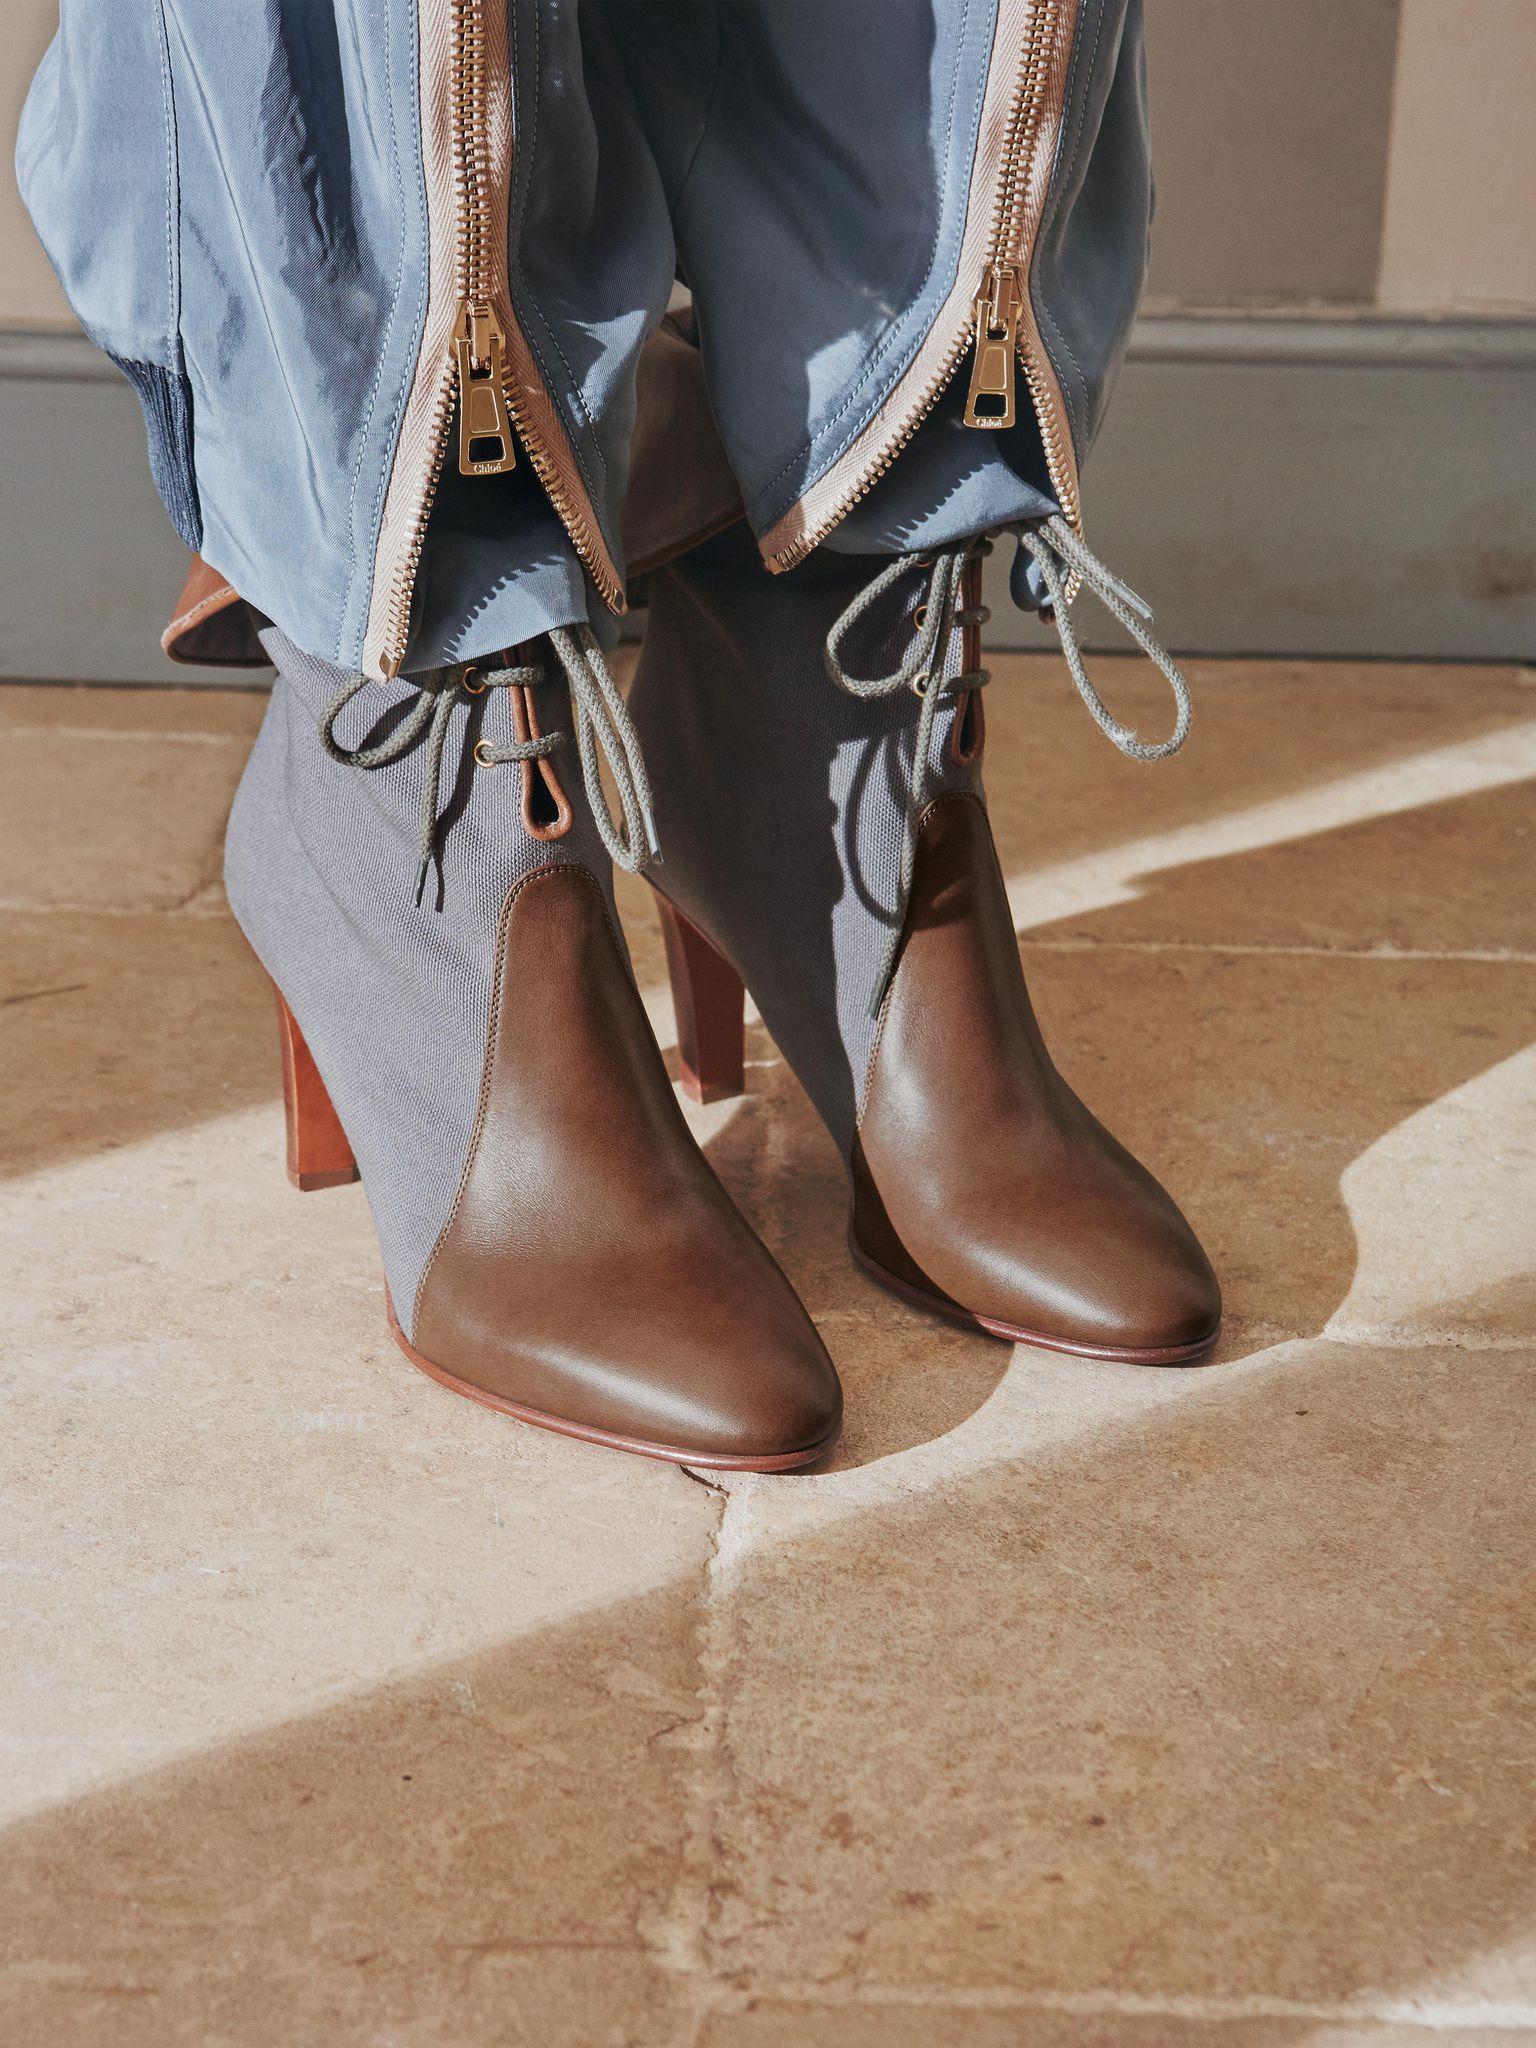 5851df3f7c Chloé Kole Ankle Boot, Women's Shoes | Chloé Official Website ...